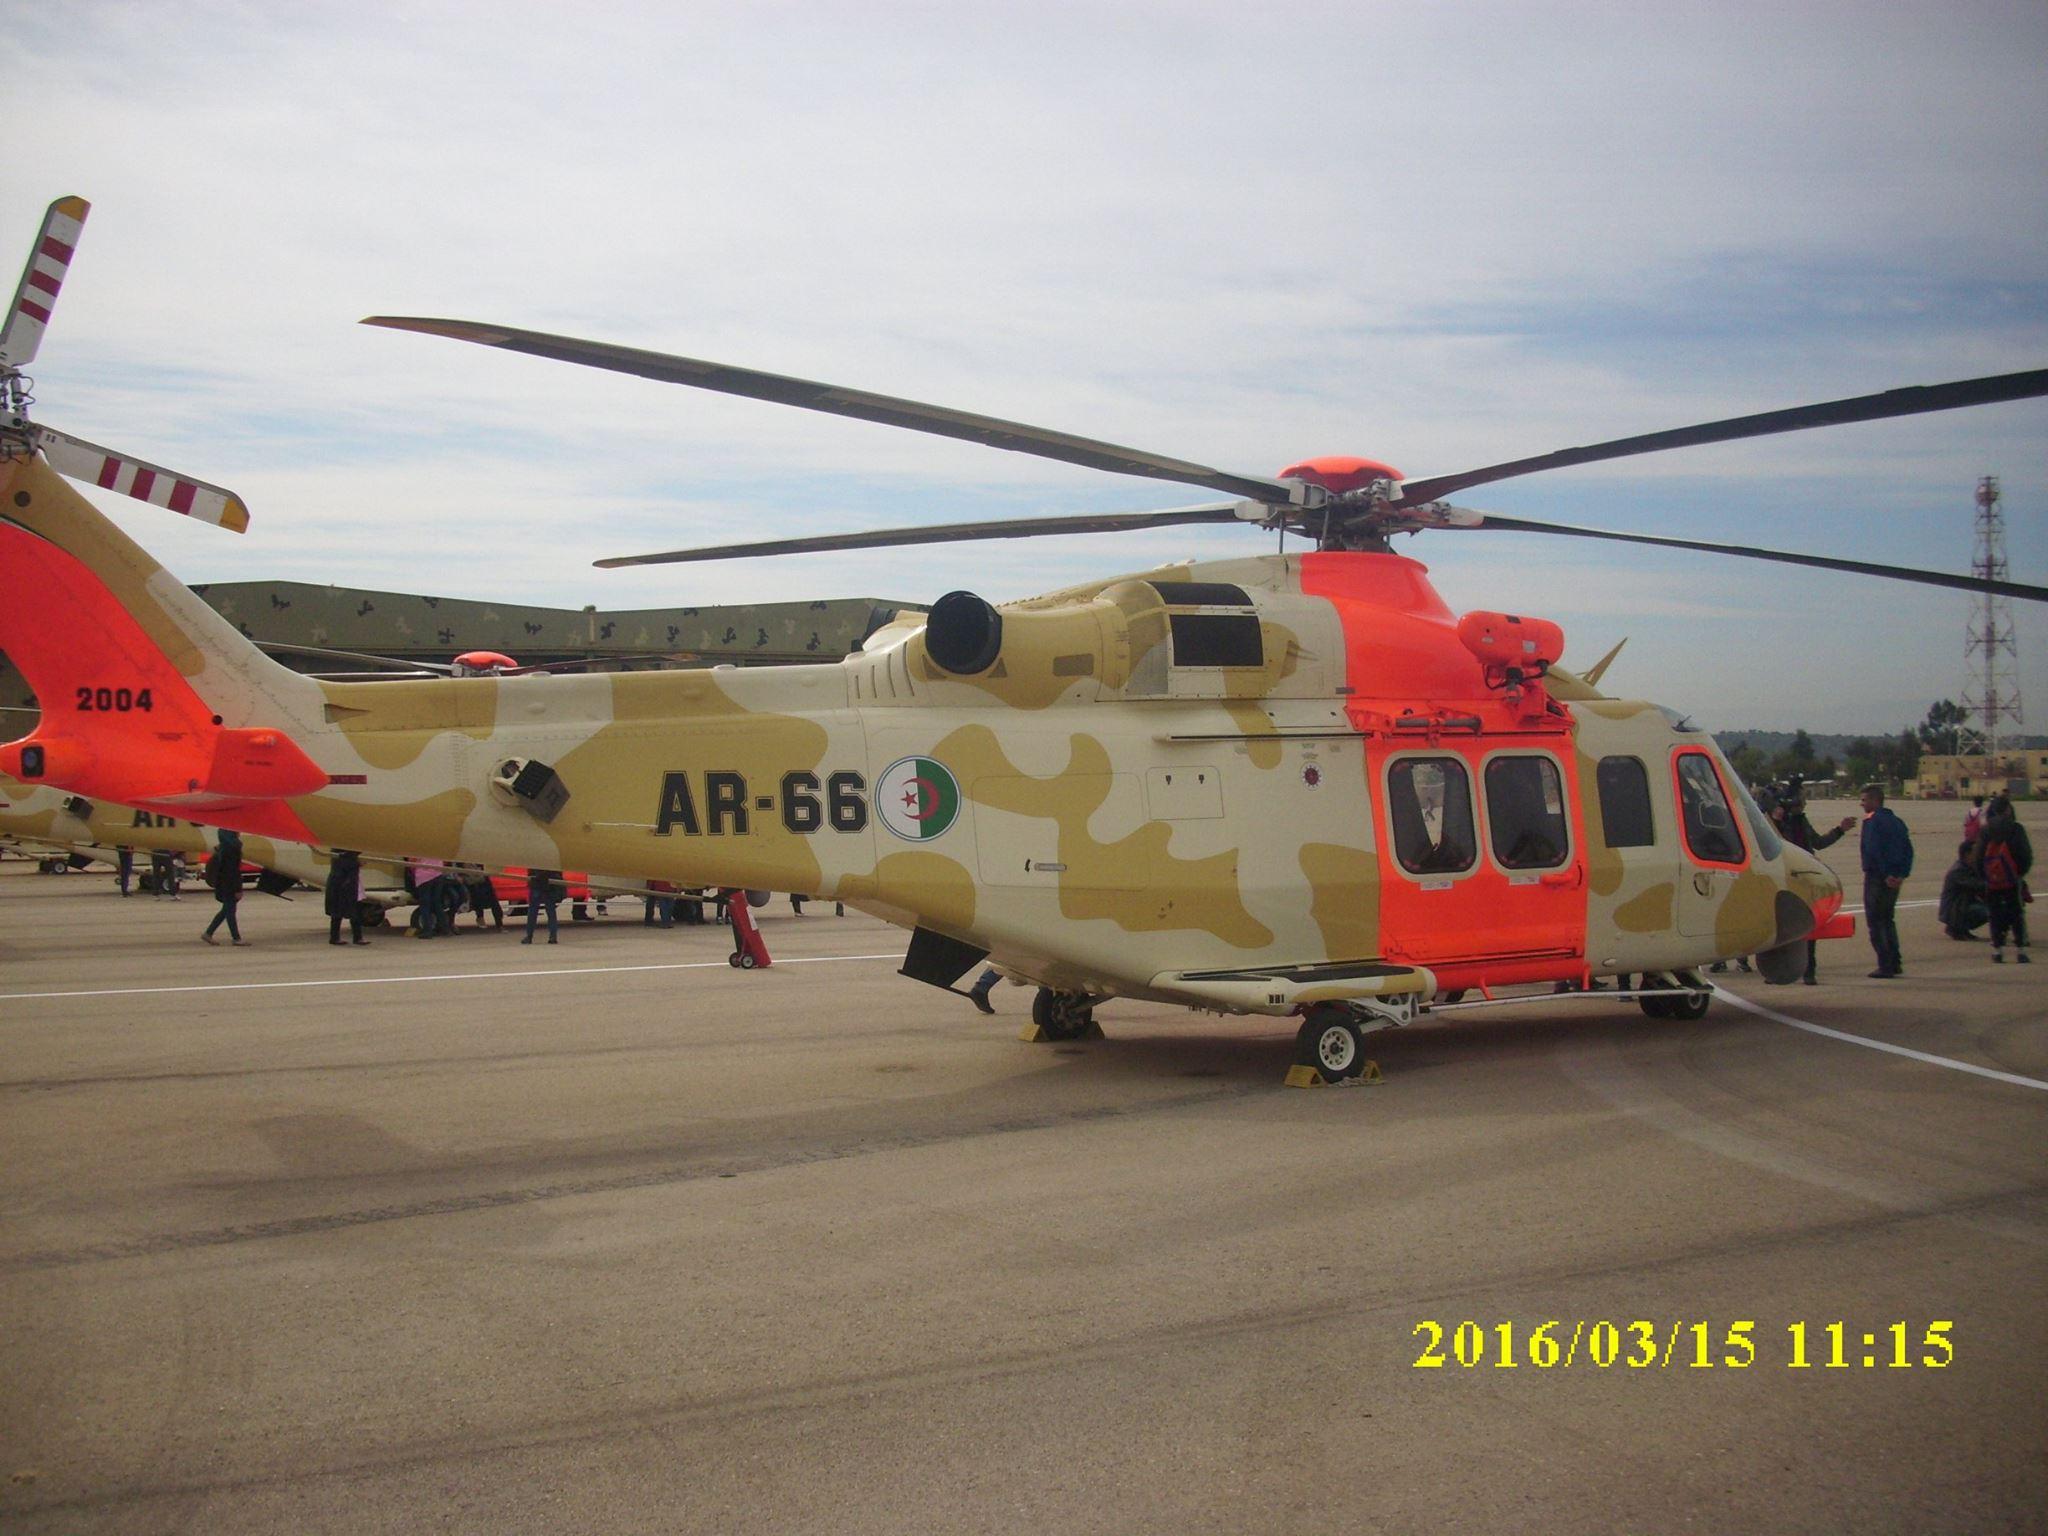 صور مروحيات القوات الجوية الجزائرية  [ AW-139 SAR ] - صفحة 2 25786390762_2721a9d8be_o